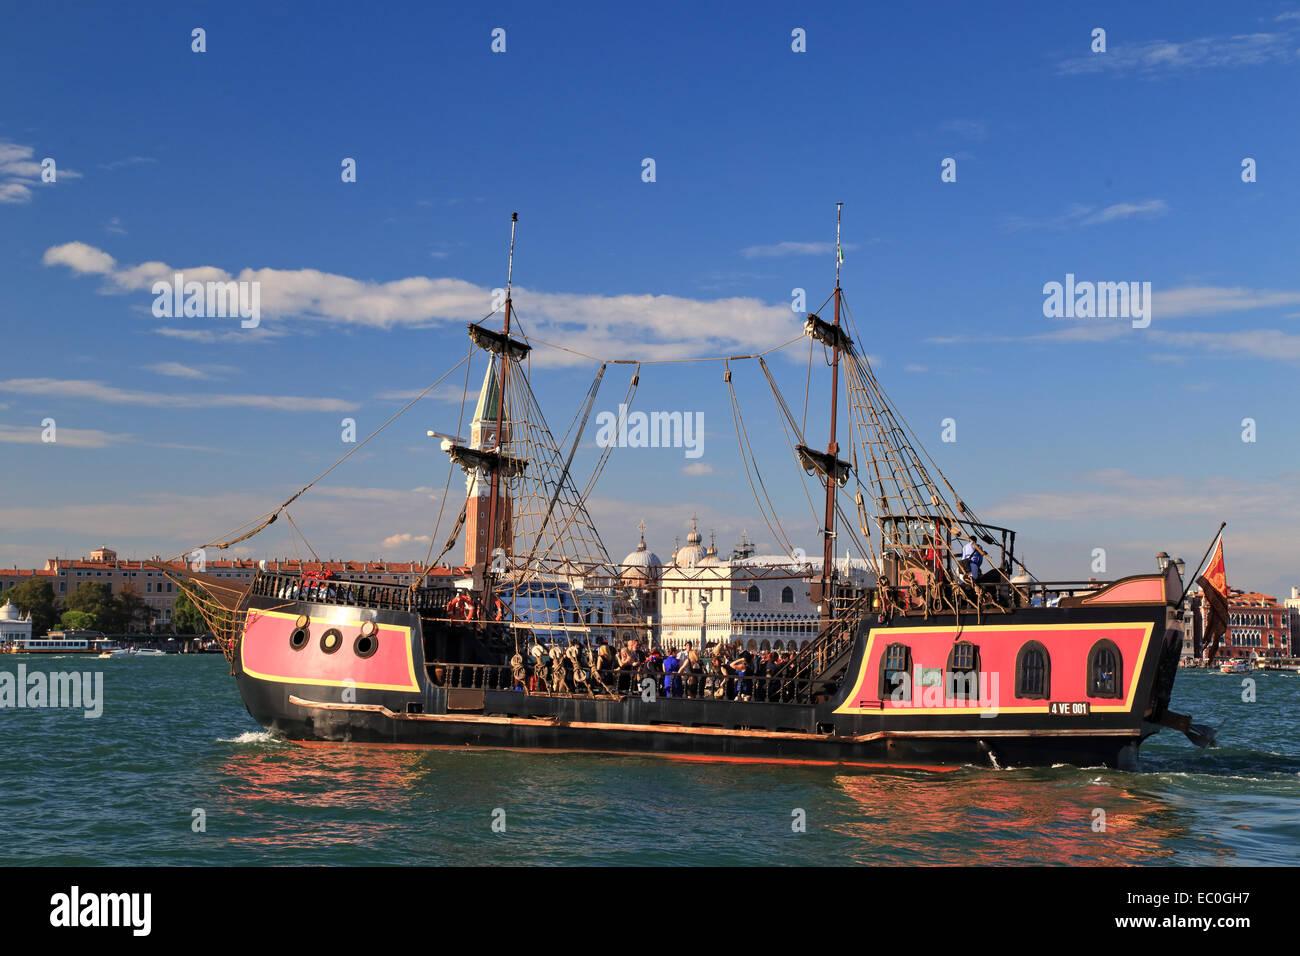 The pirate ship Jolly Roger - Il Galeone Veneziano / Venetian Galleon, Venice - Stock Image